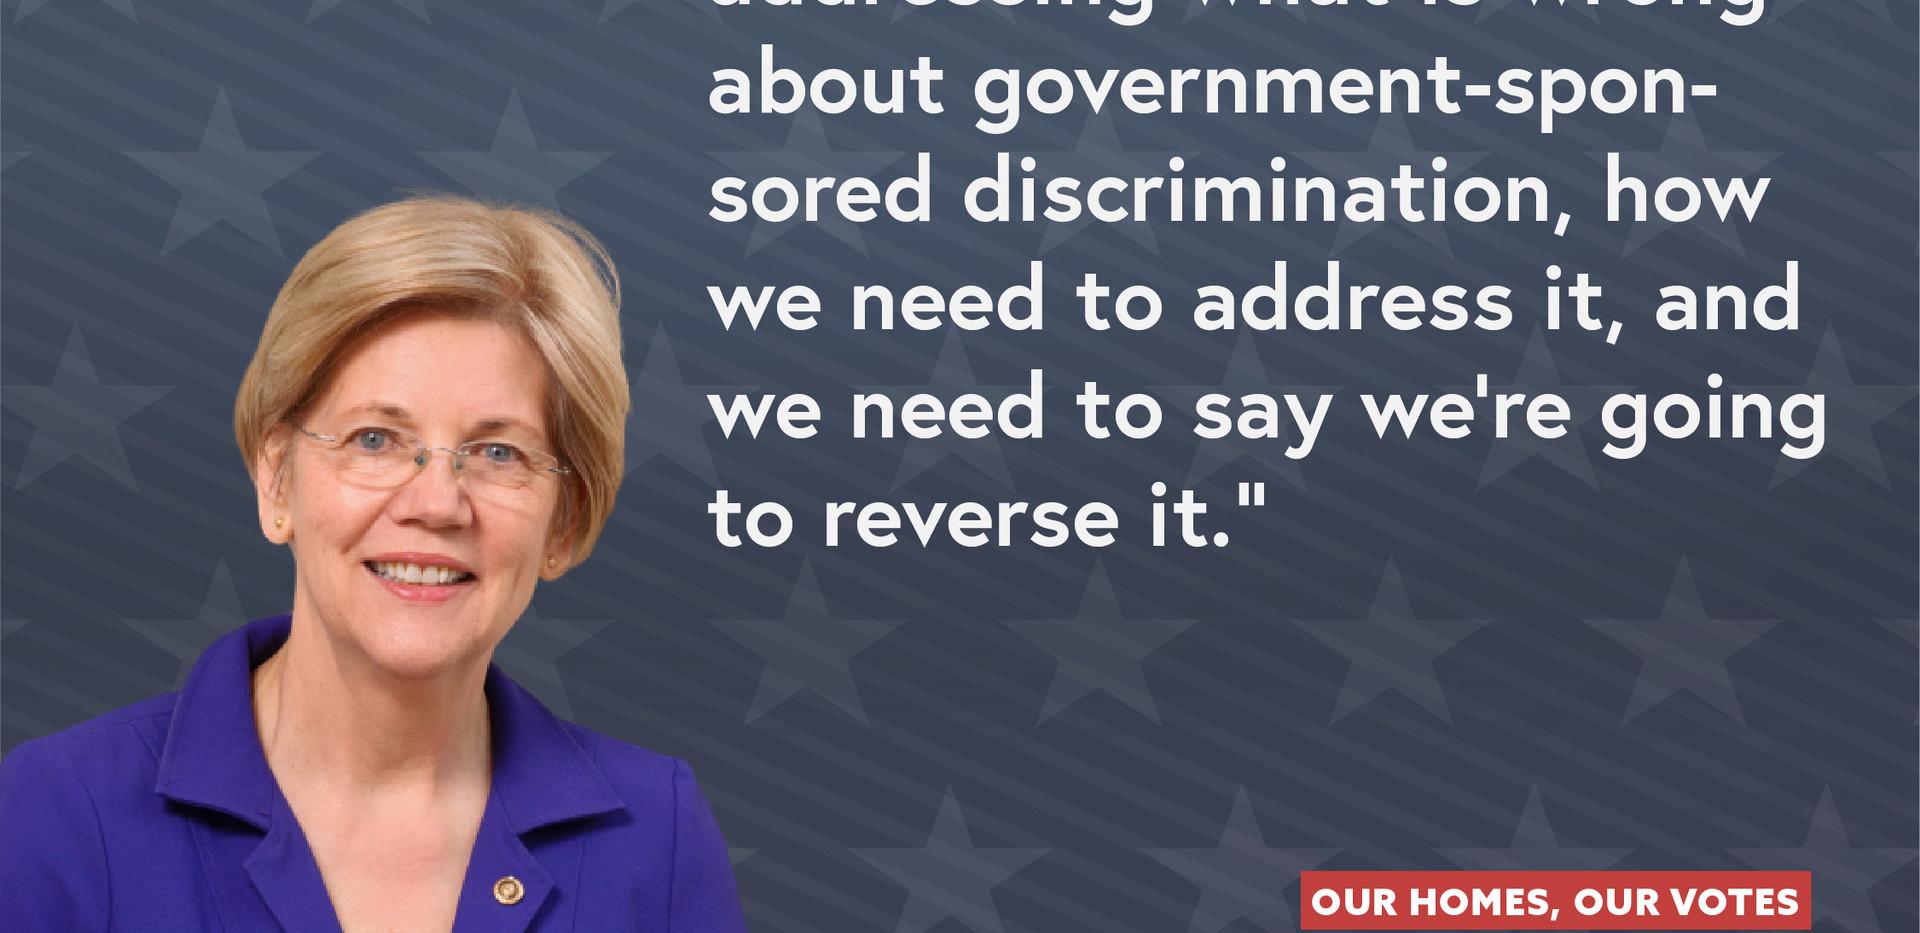 5-debate_Warren-IG-5.jpg